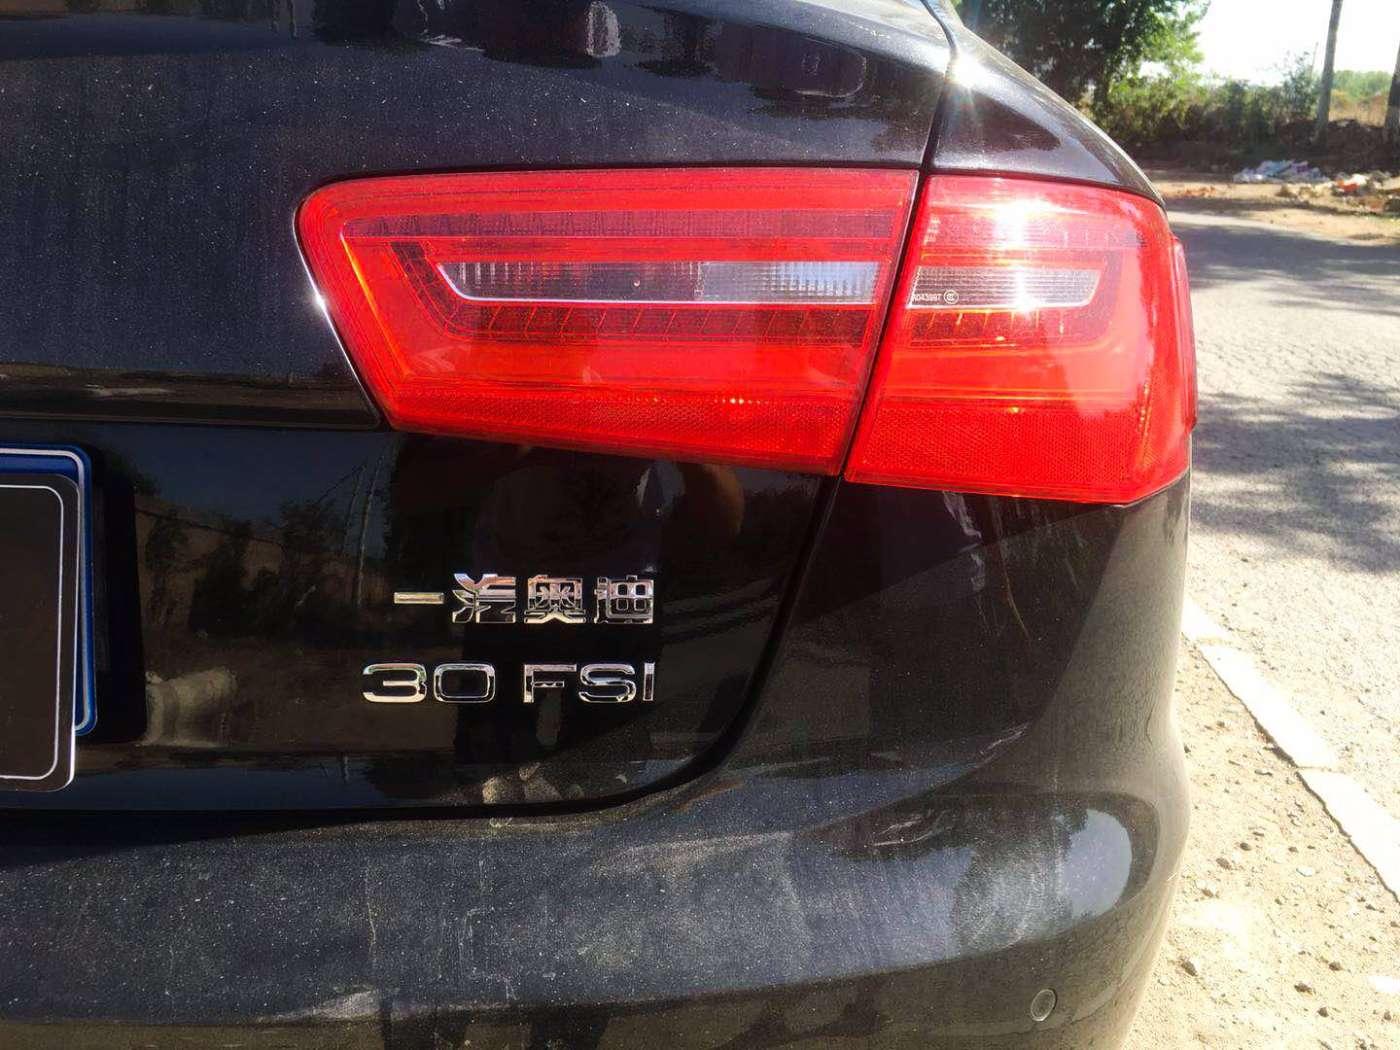 2013年04月 奥迪A6L 2012款 30 FSI 技术型|甄选奥迪-北京卡斯基汽车服务有限公司